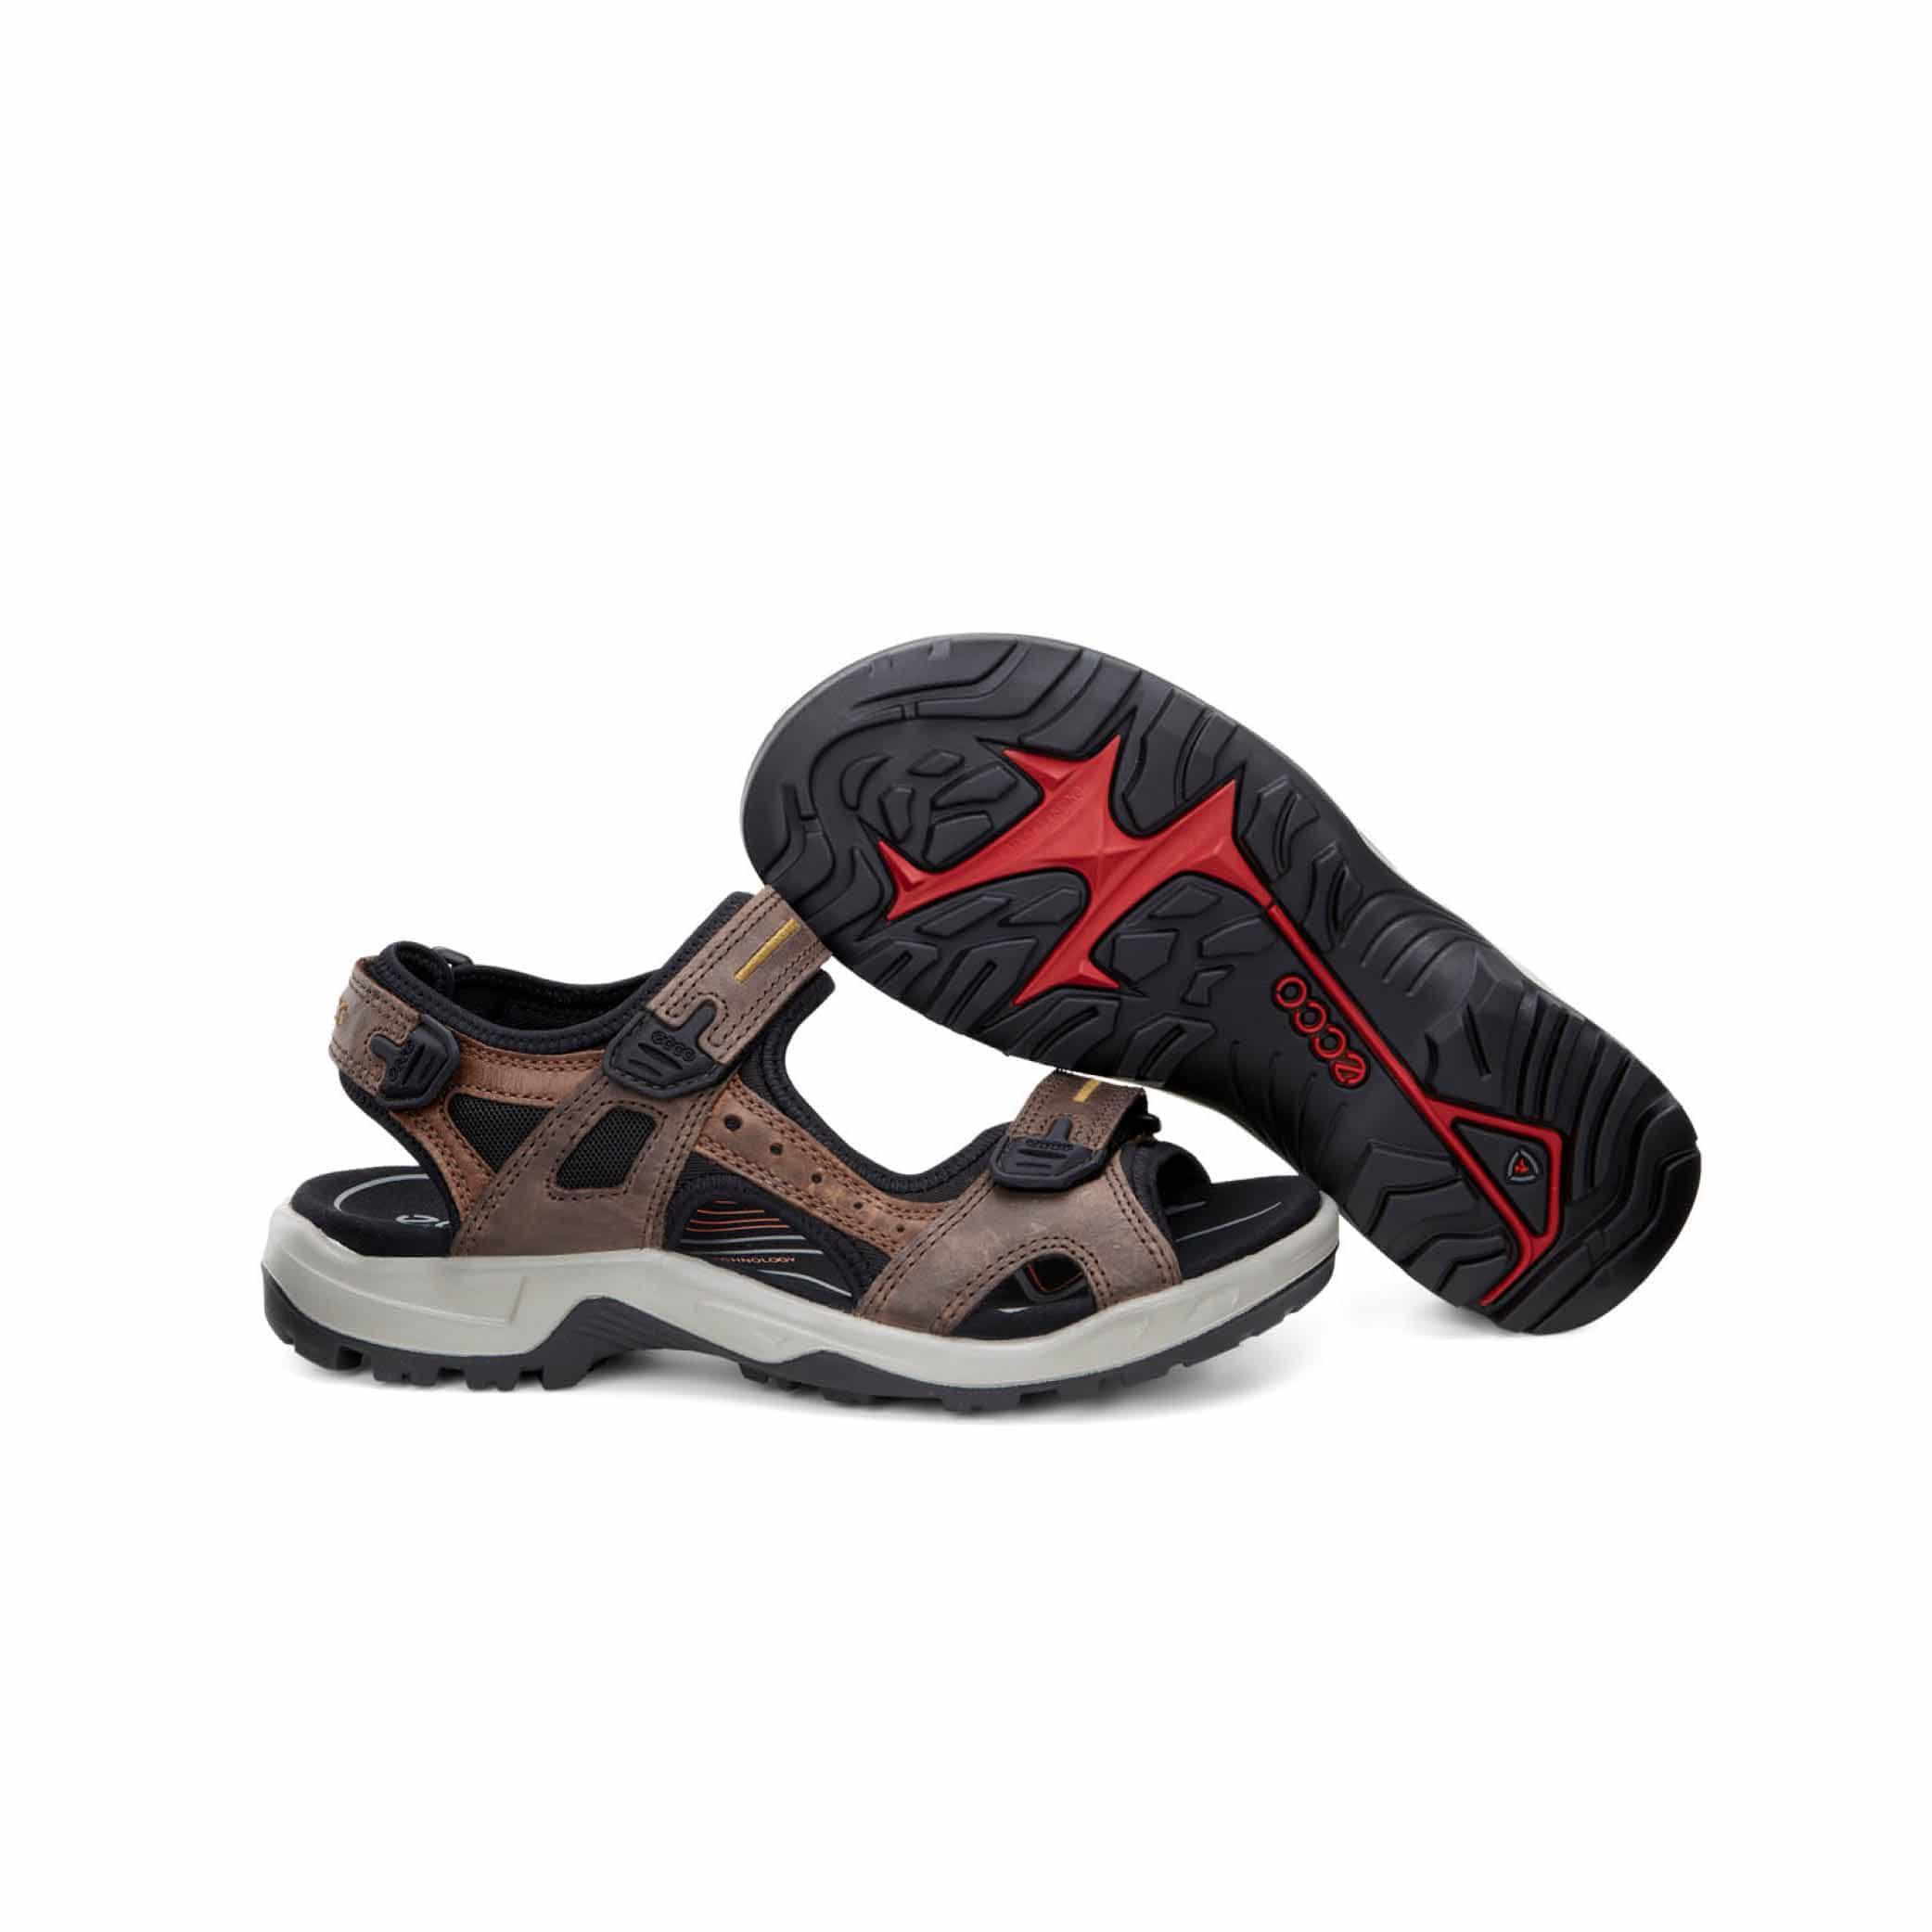 82d729a0b9a097 ECCO OFFROAD - ECCO Shoes for Men